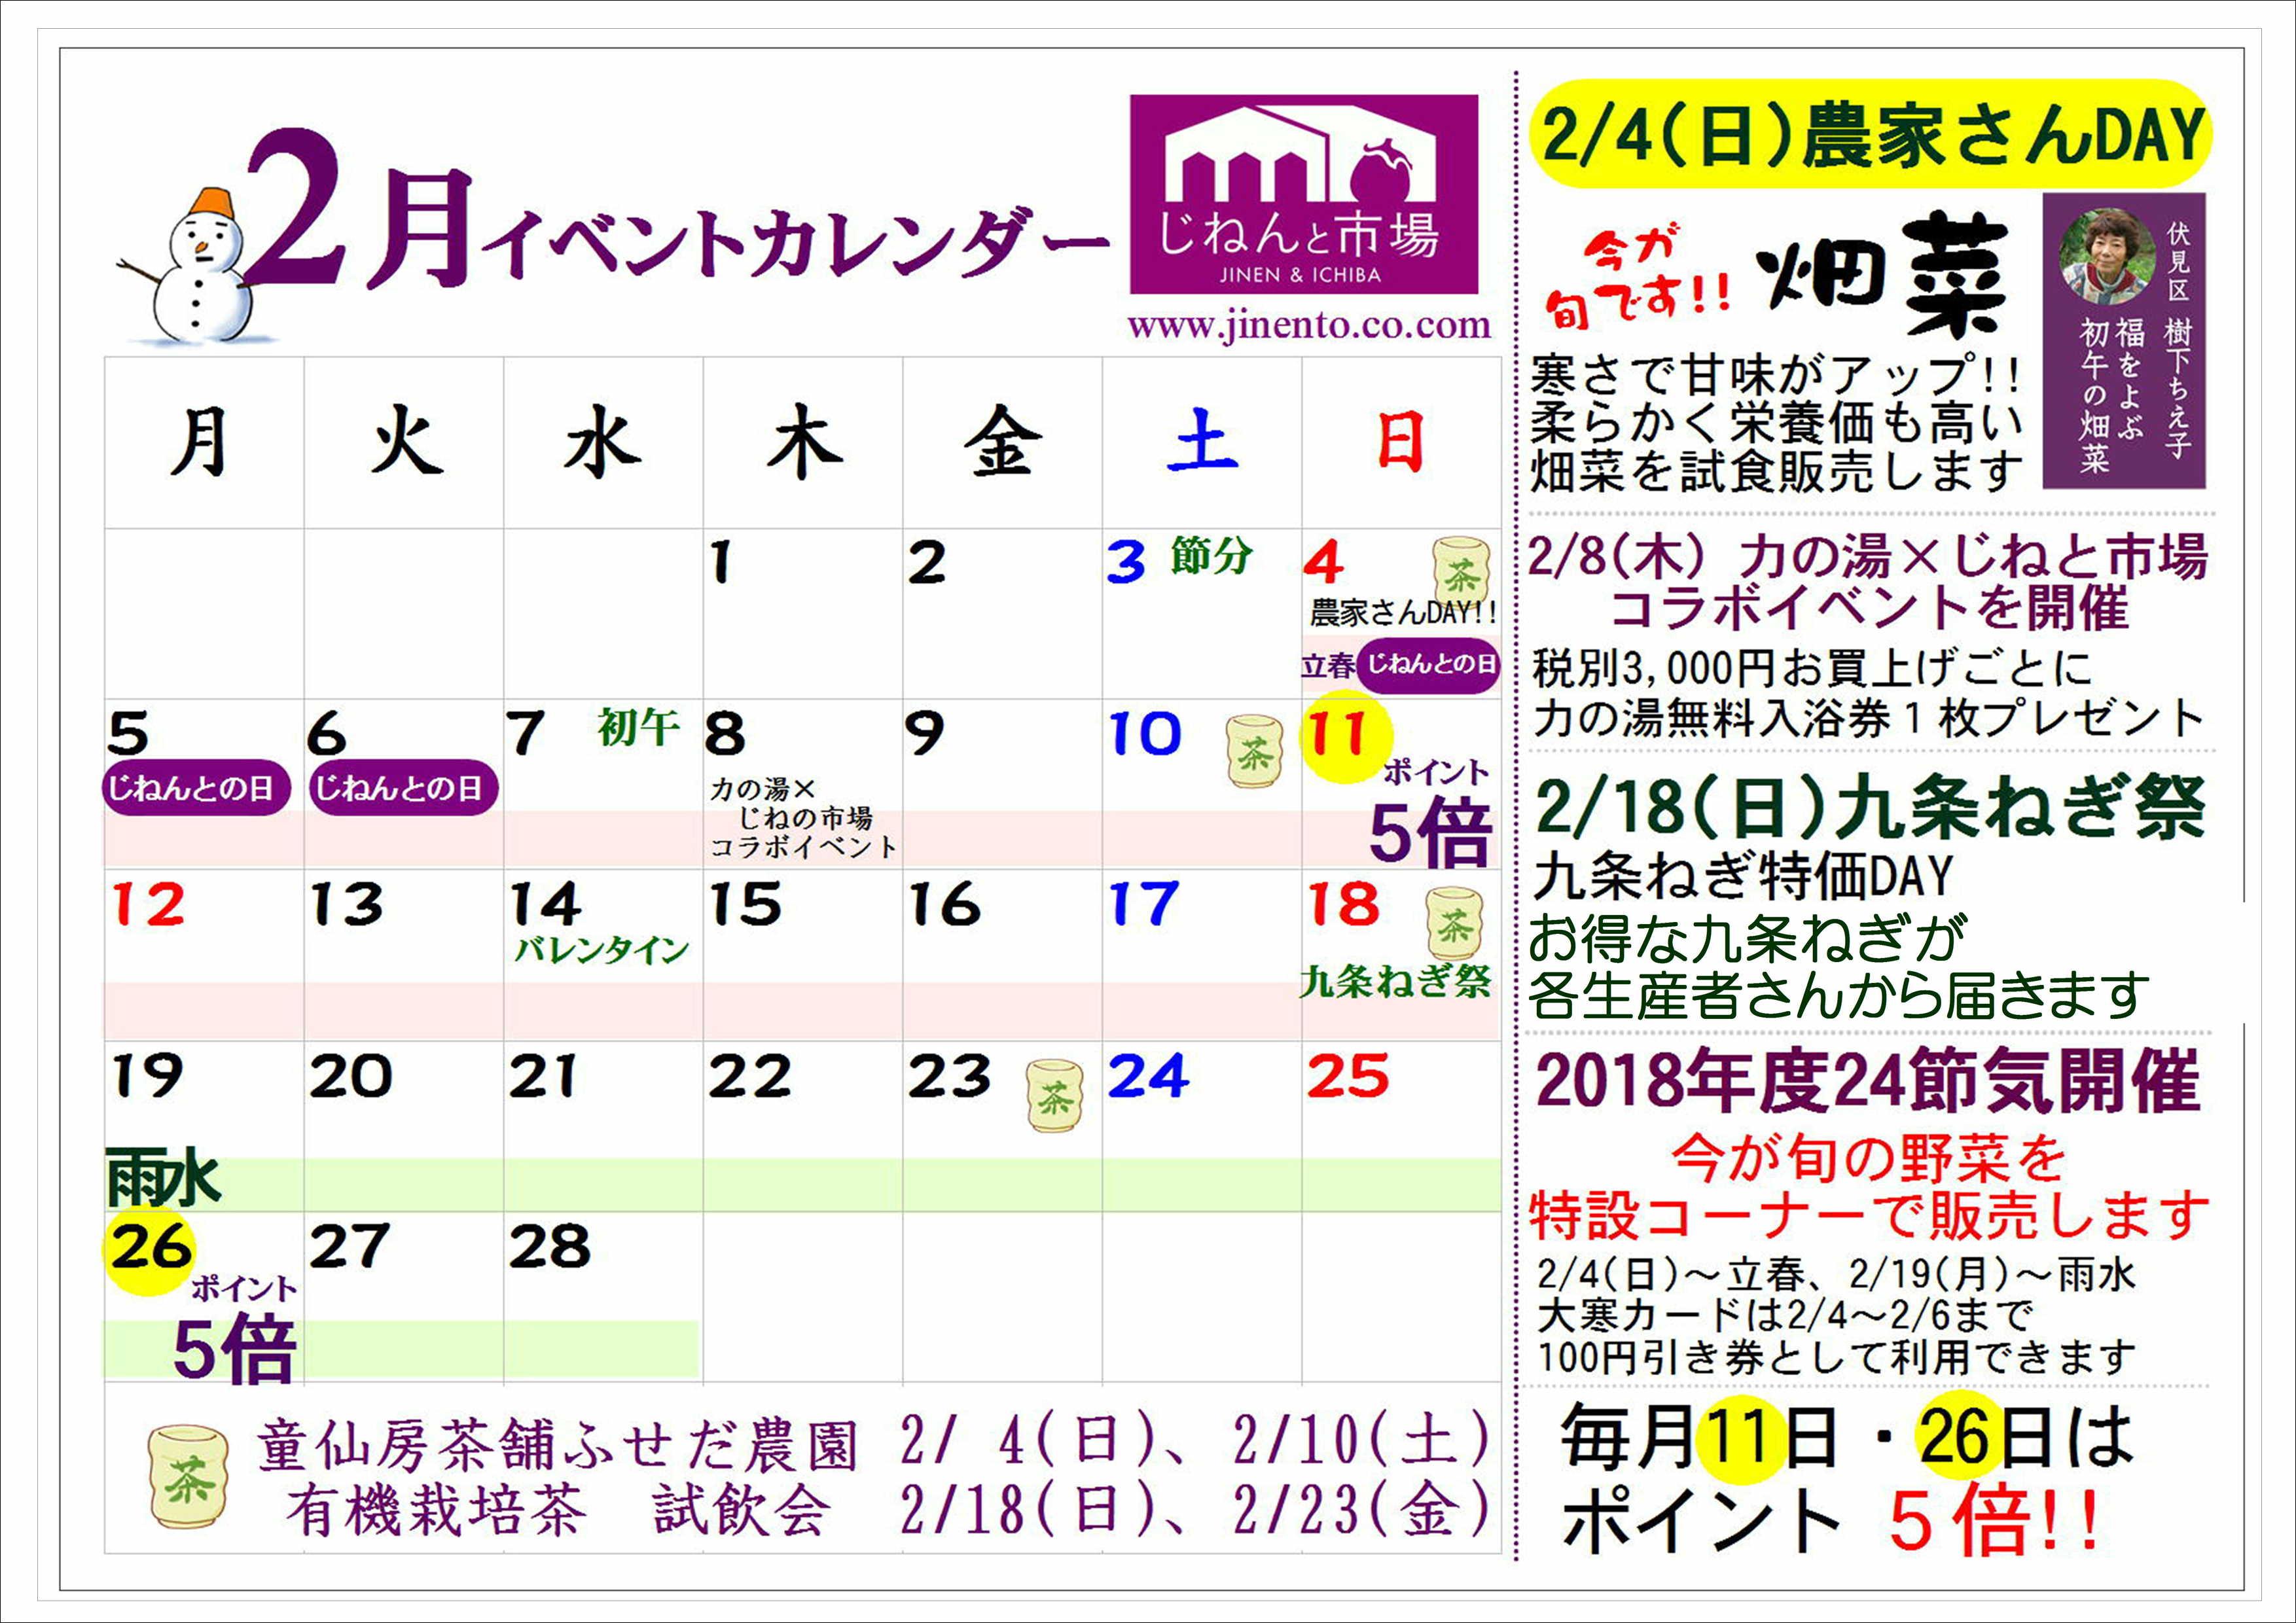 本日(2月11日)は、ポイント5倍DAY!!です。